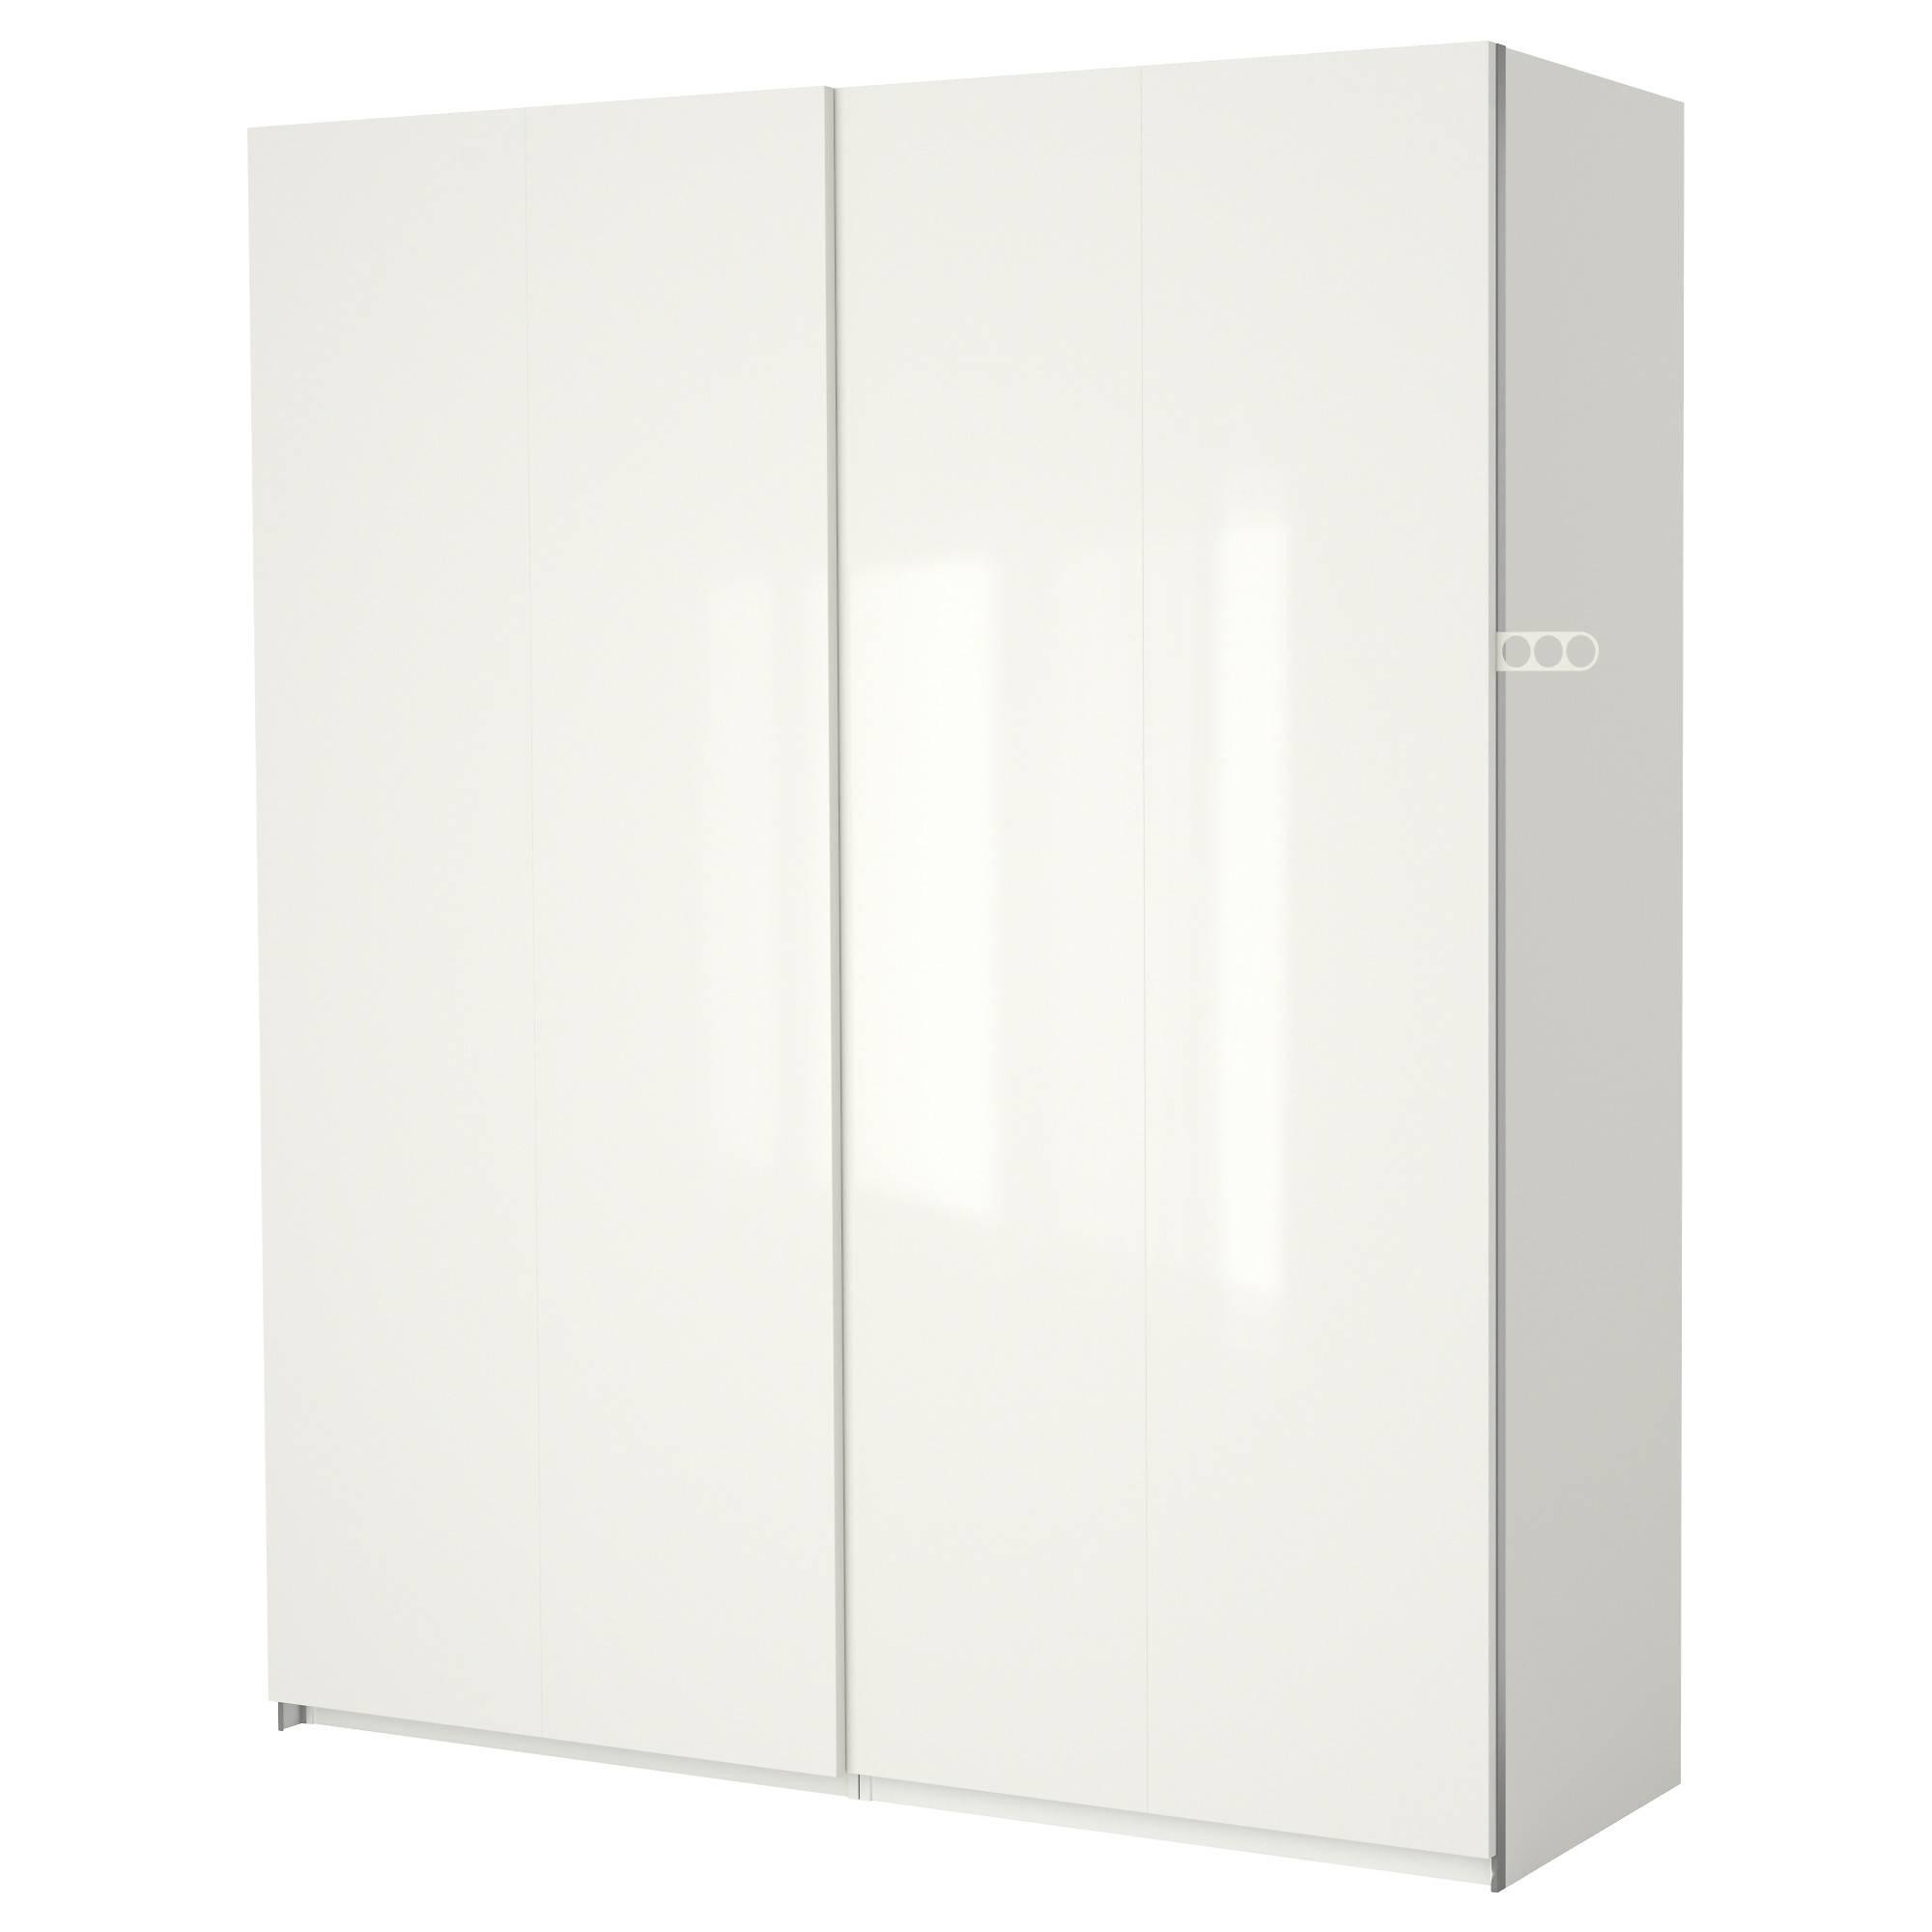 Pax Wardrobe White/hasvik High-Gloss/white 200X66X201 Cm - Ikea pertaining to High Gloss White Wardrobes (Image 6 of 15)